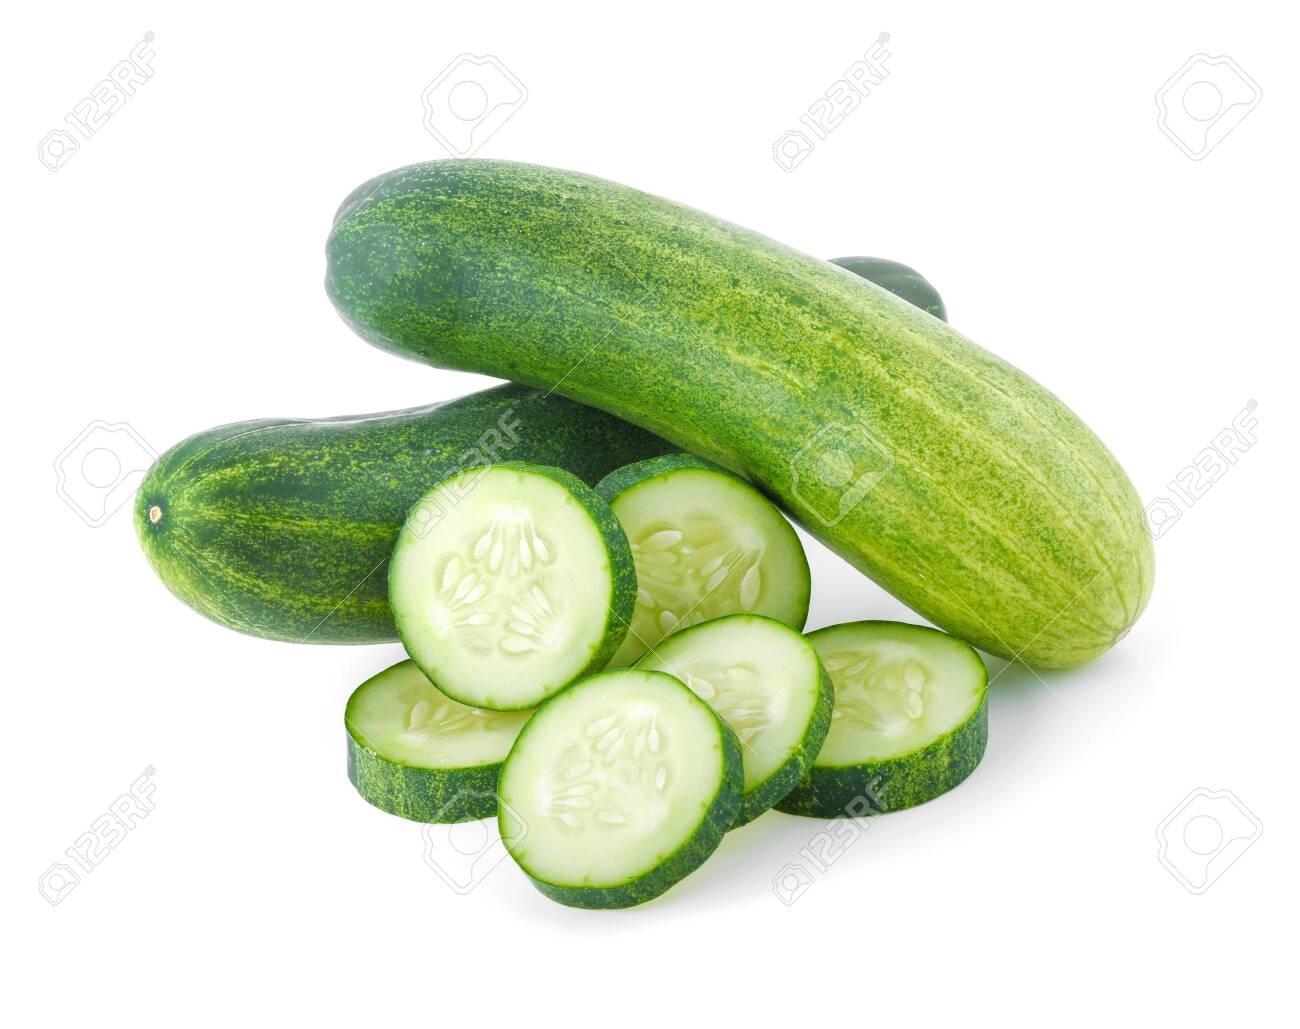 Fresh cucumber isolated on white background - 142862582